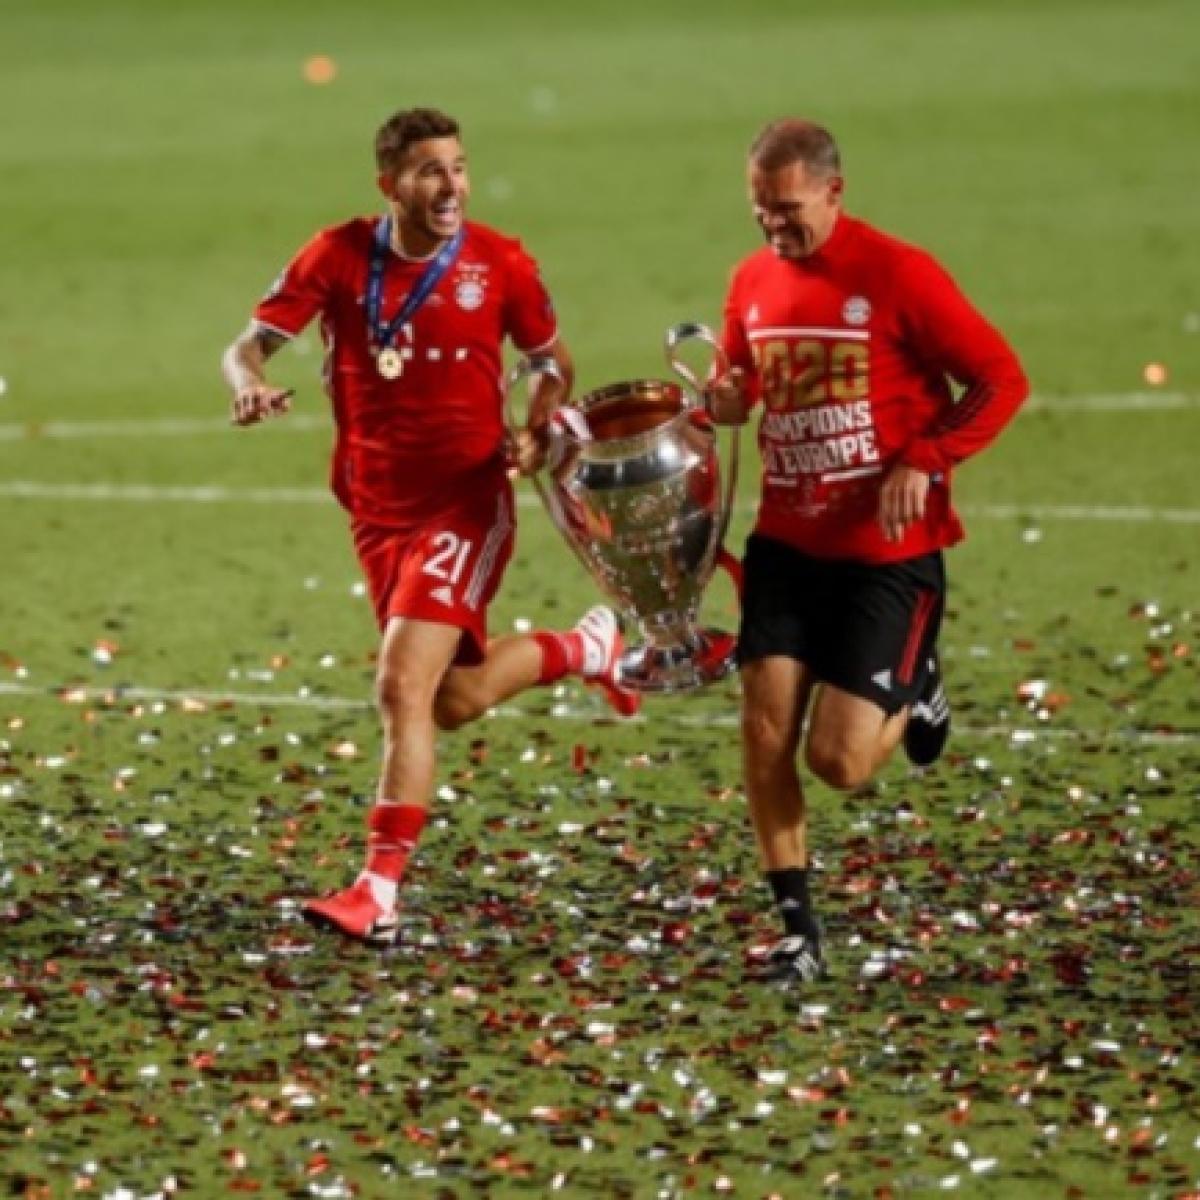 UEFA Champions League Final: Bayern Munich win sixth title, defeat PSG by 1-0